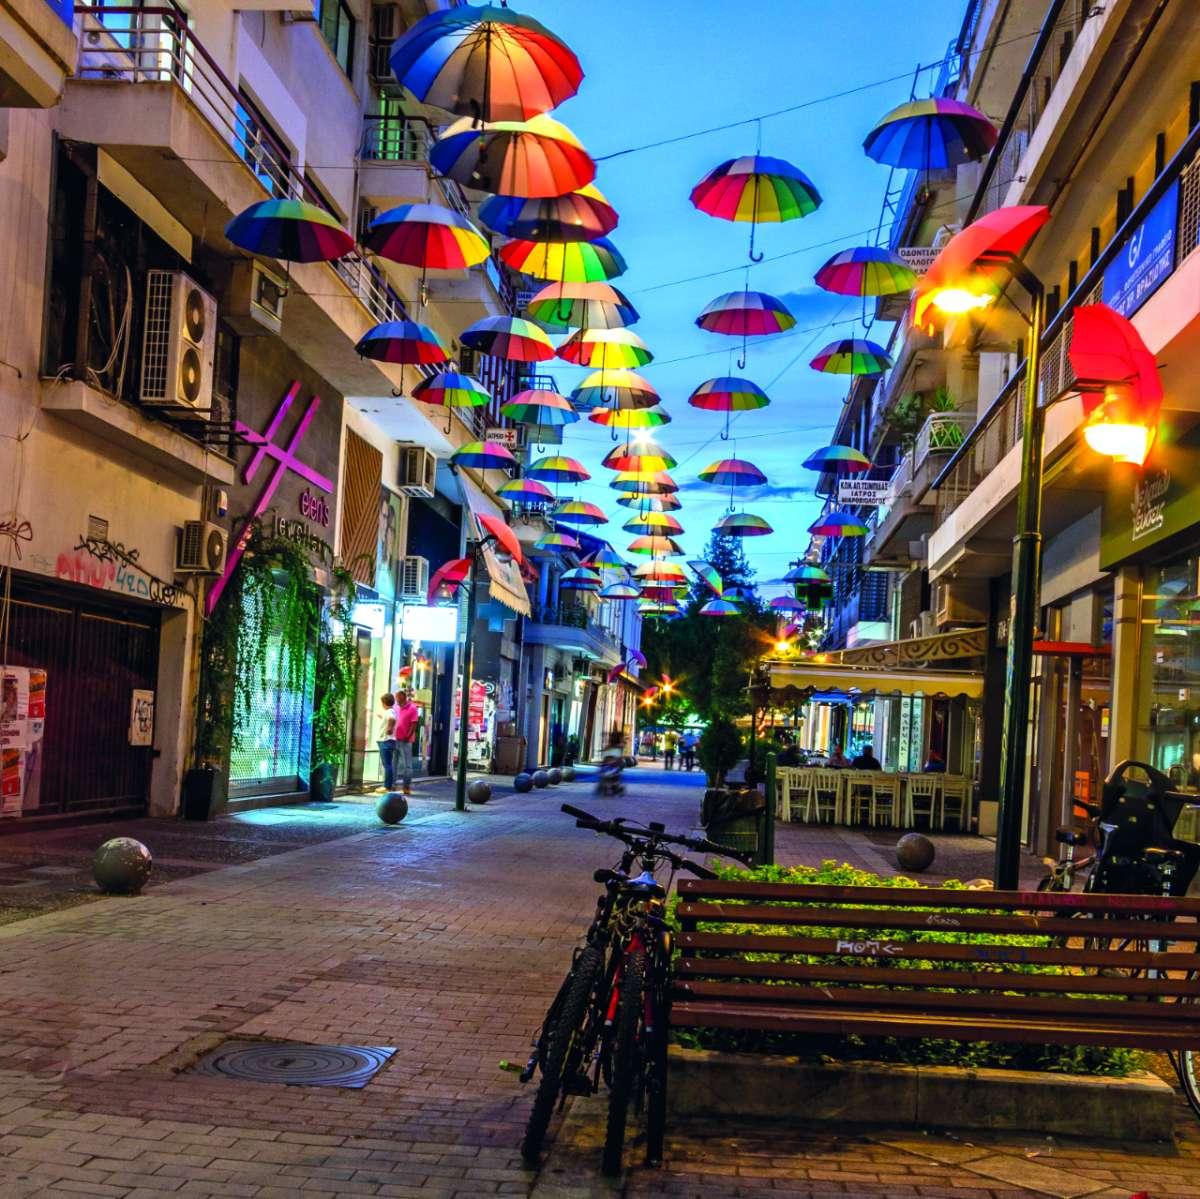 Τρίκαλα πόλη, πεζόδρομος με ομπρέλες